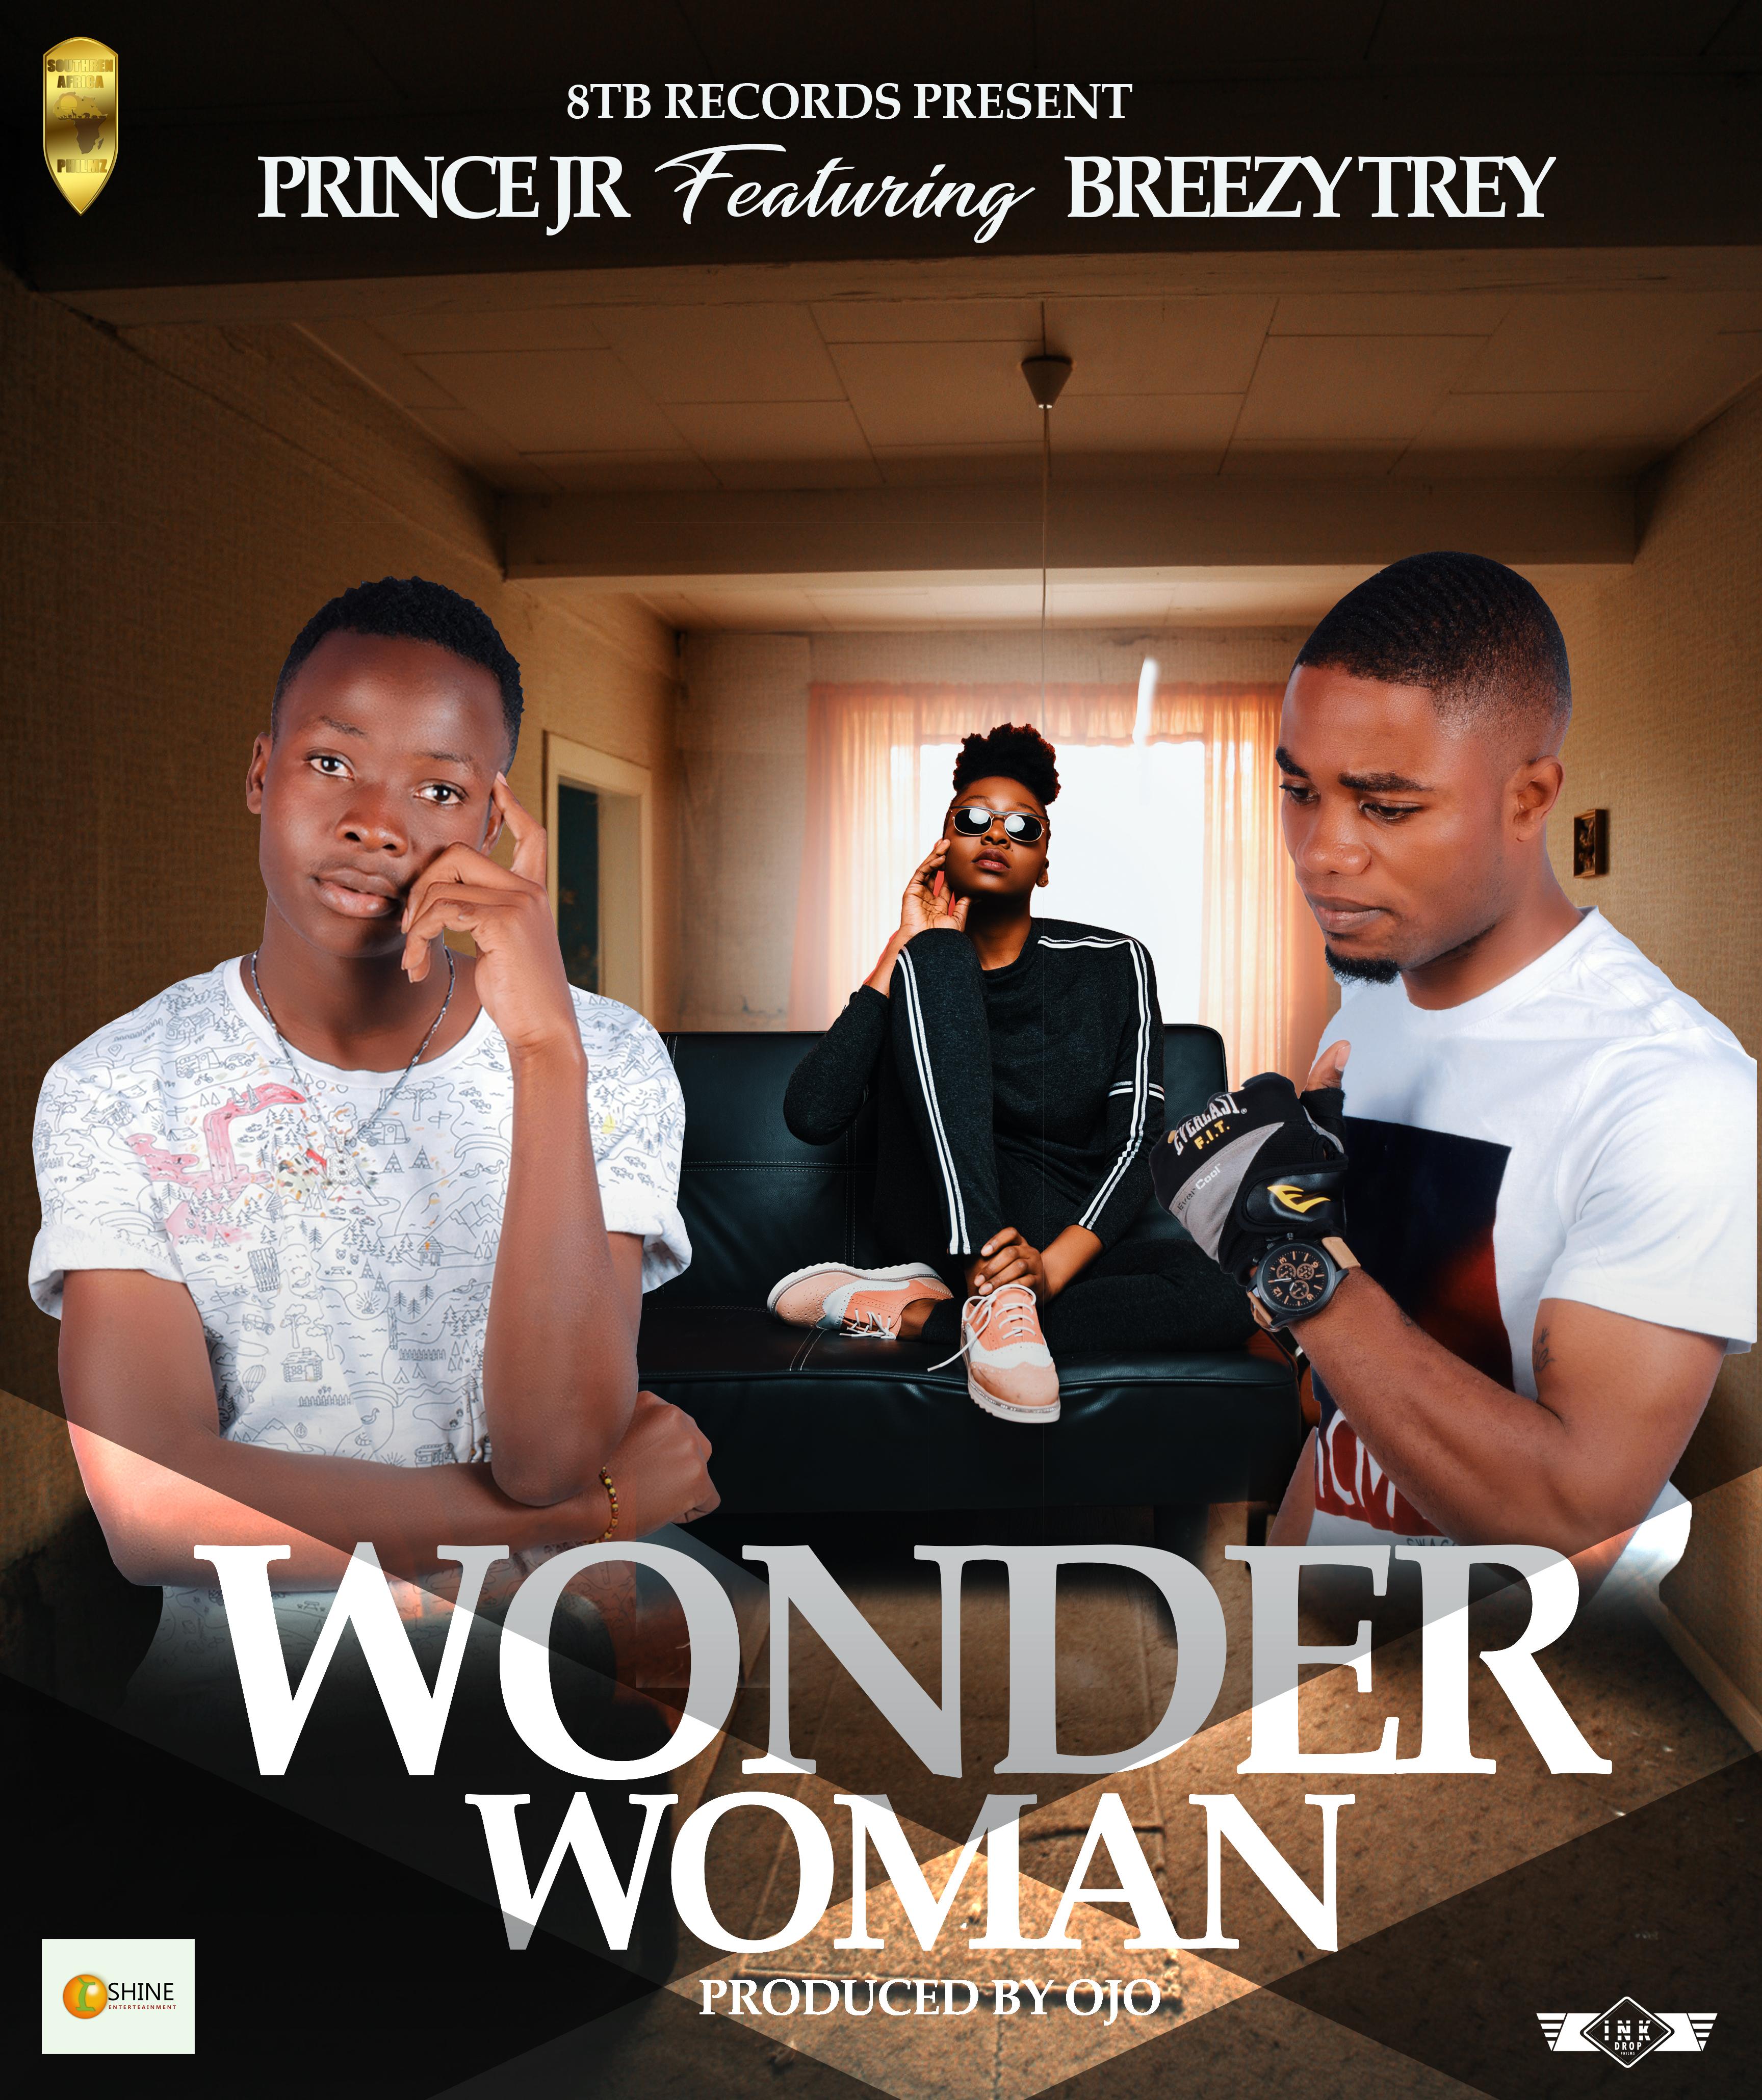 Prince Jr ft breezy trey_wounder woman_(prod by Ojo) - ZAMUP CO